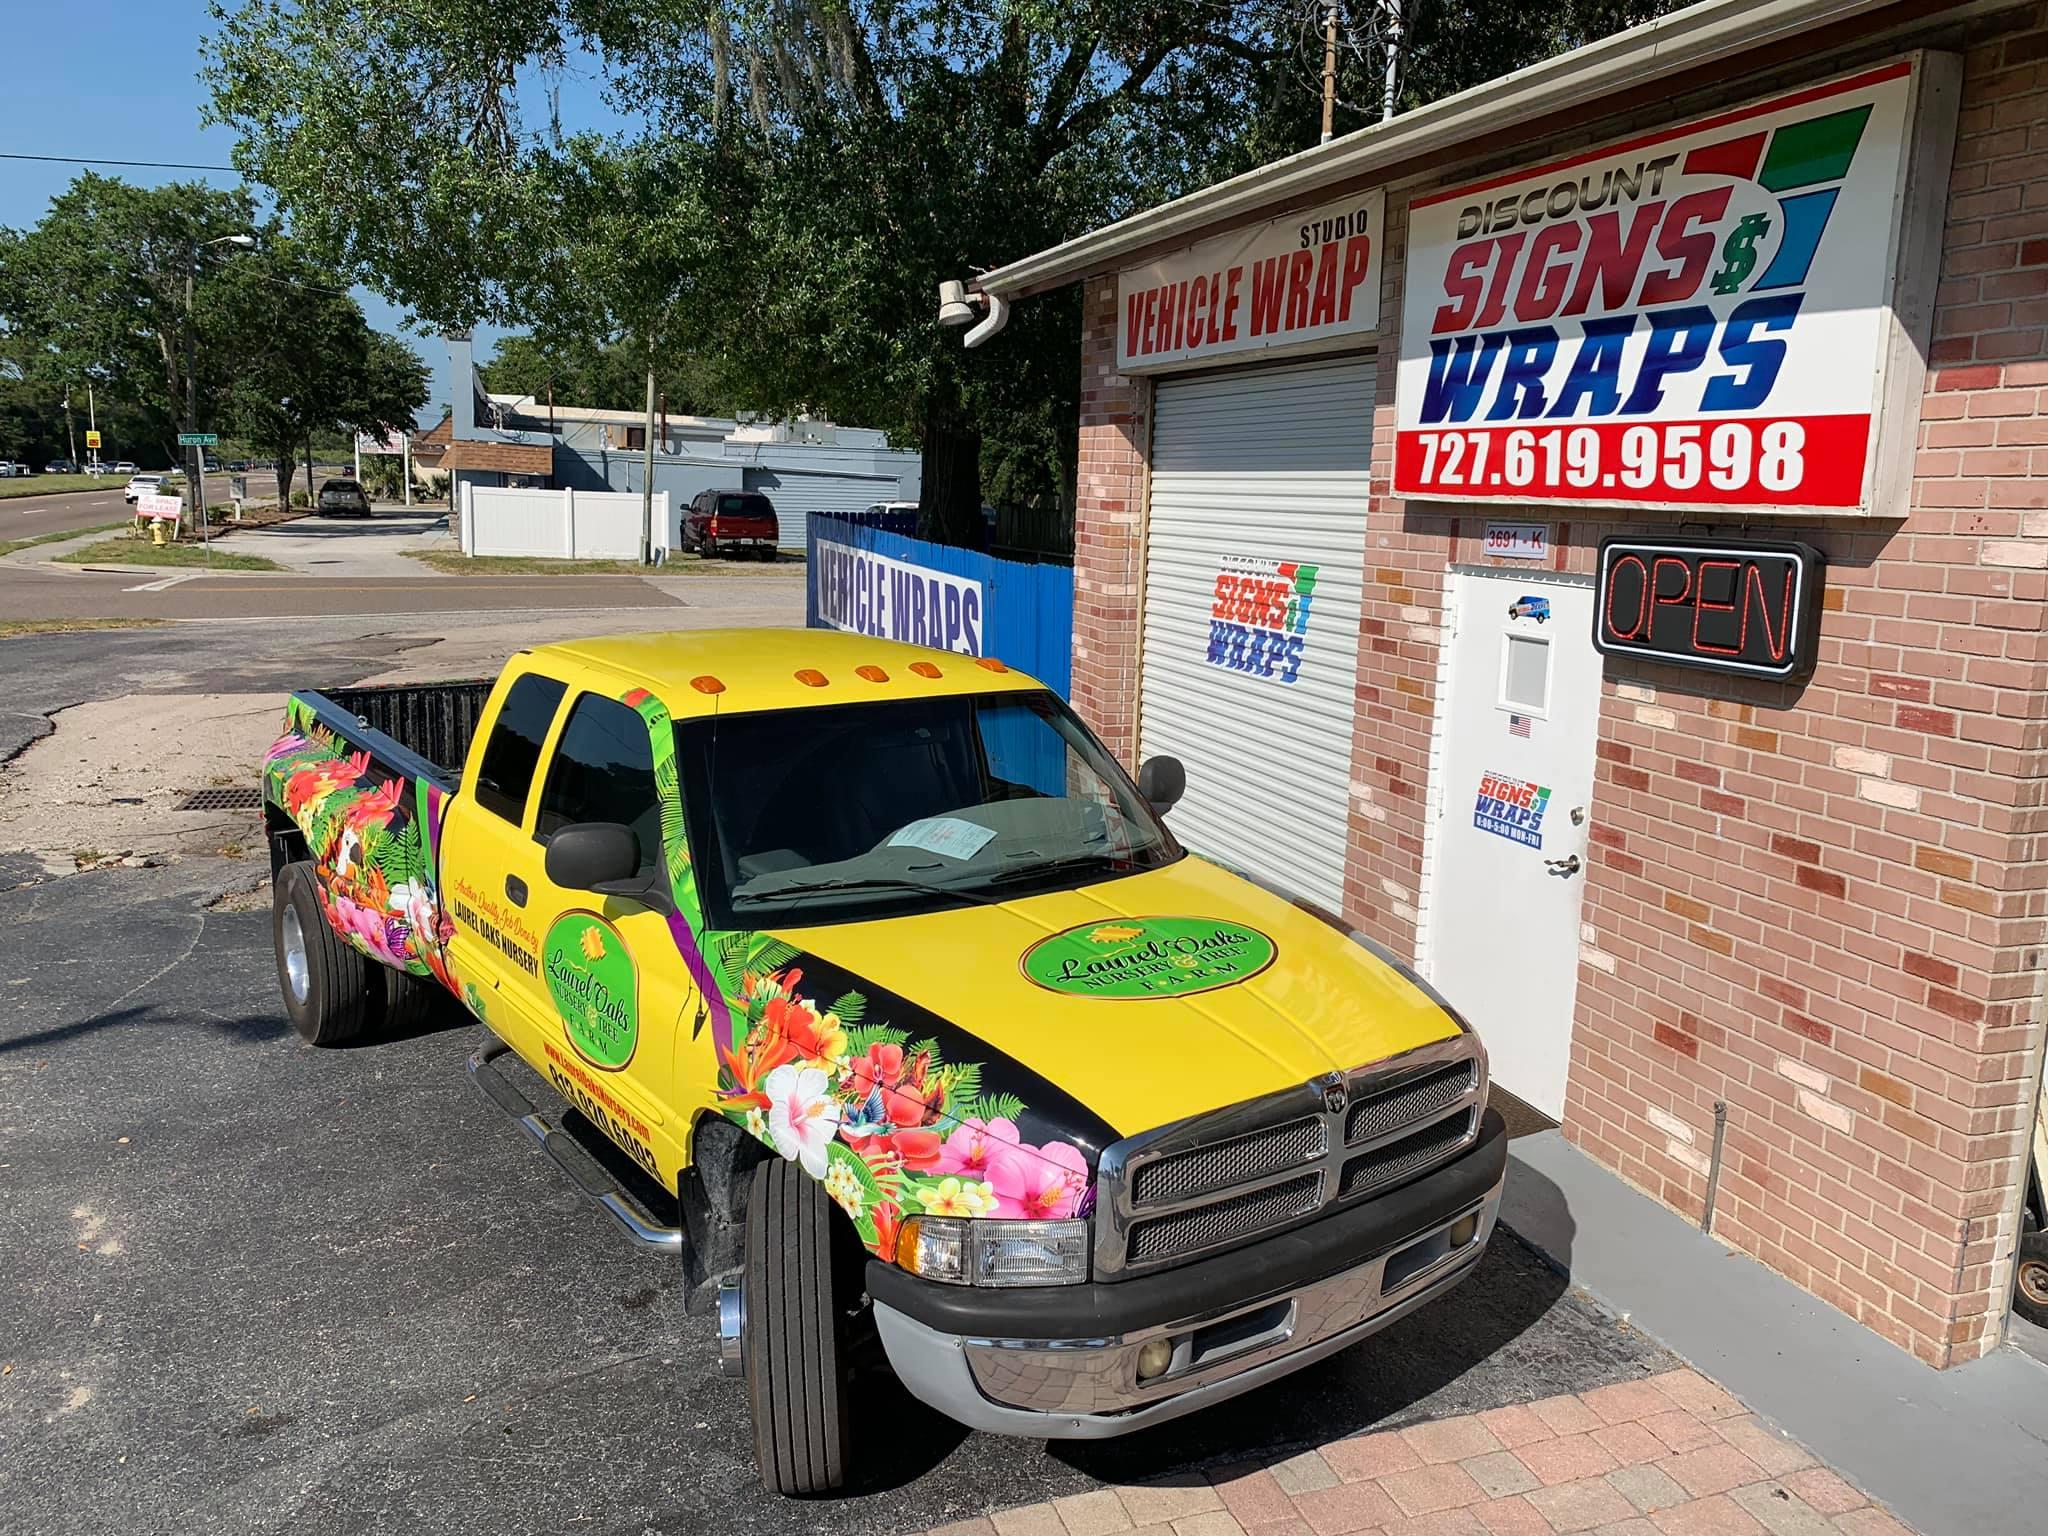 Truck wrap looks unbelievable